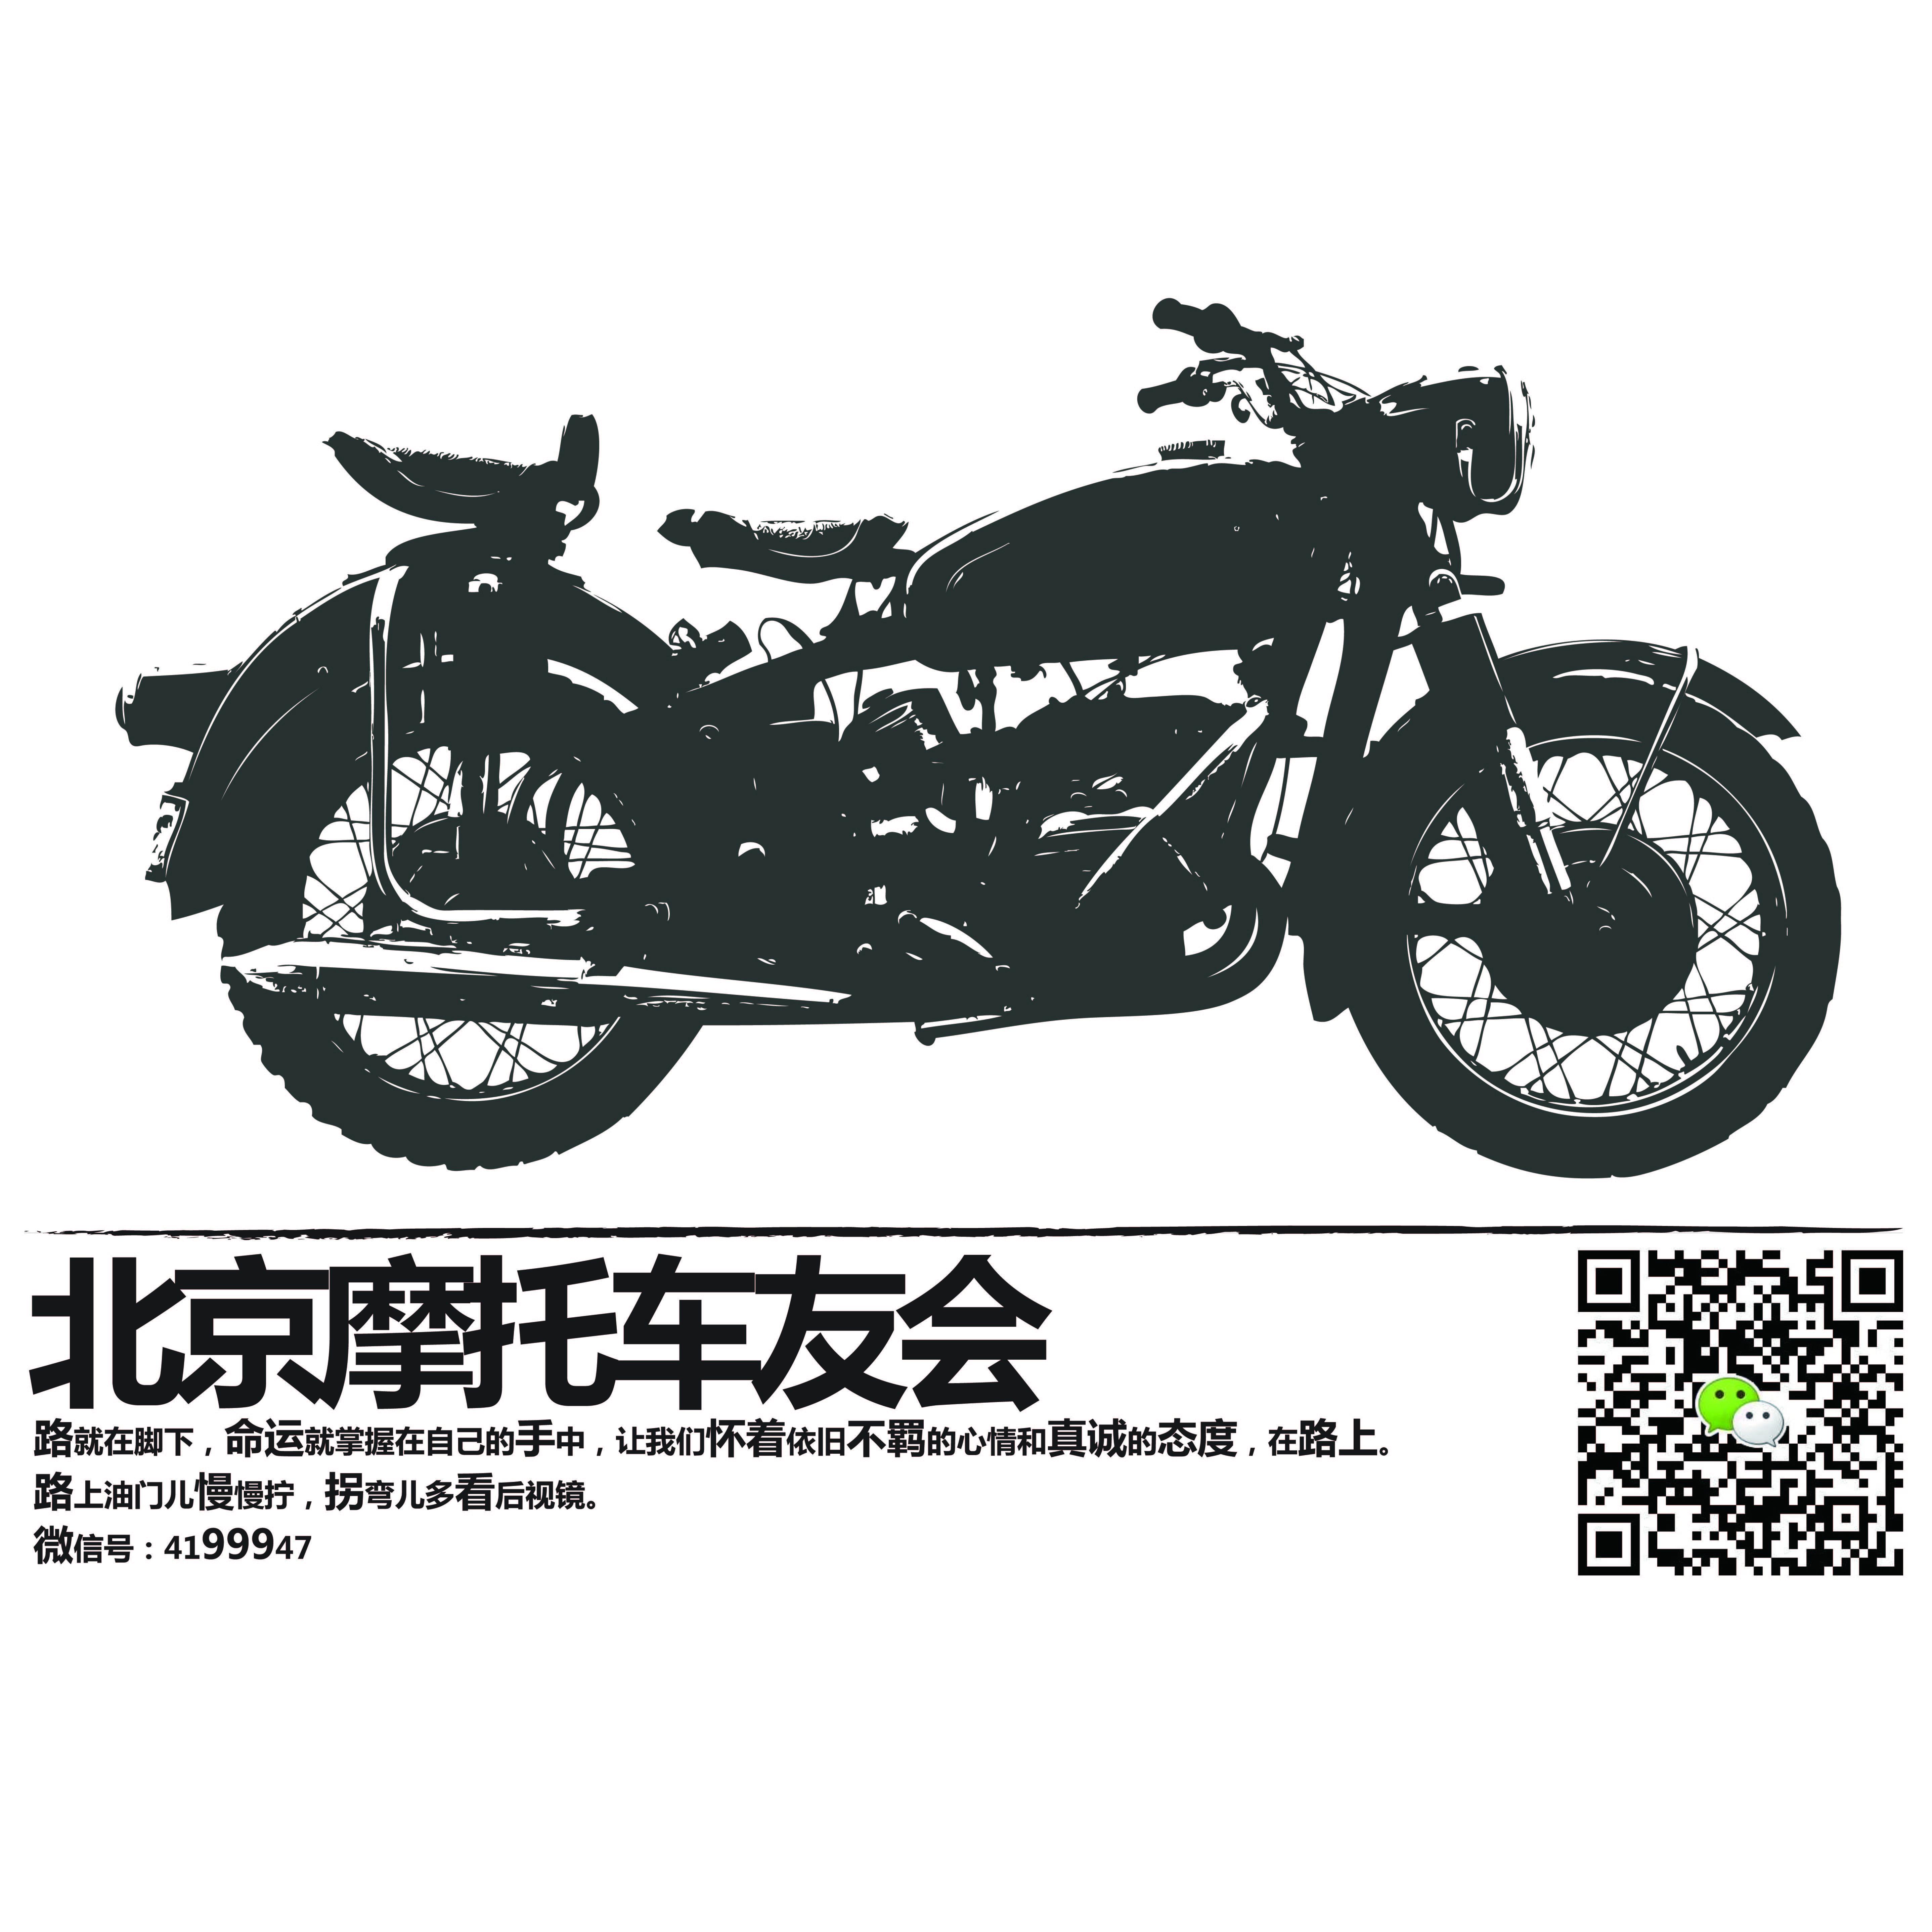 <![CDATA[北京摩托车友会]]>